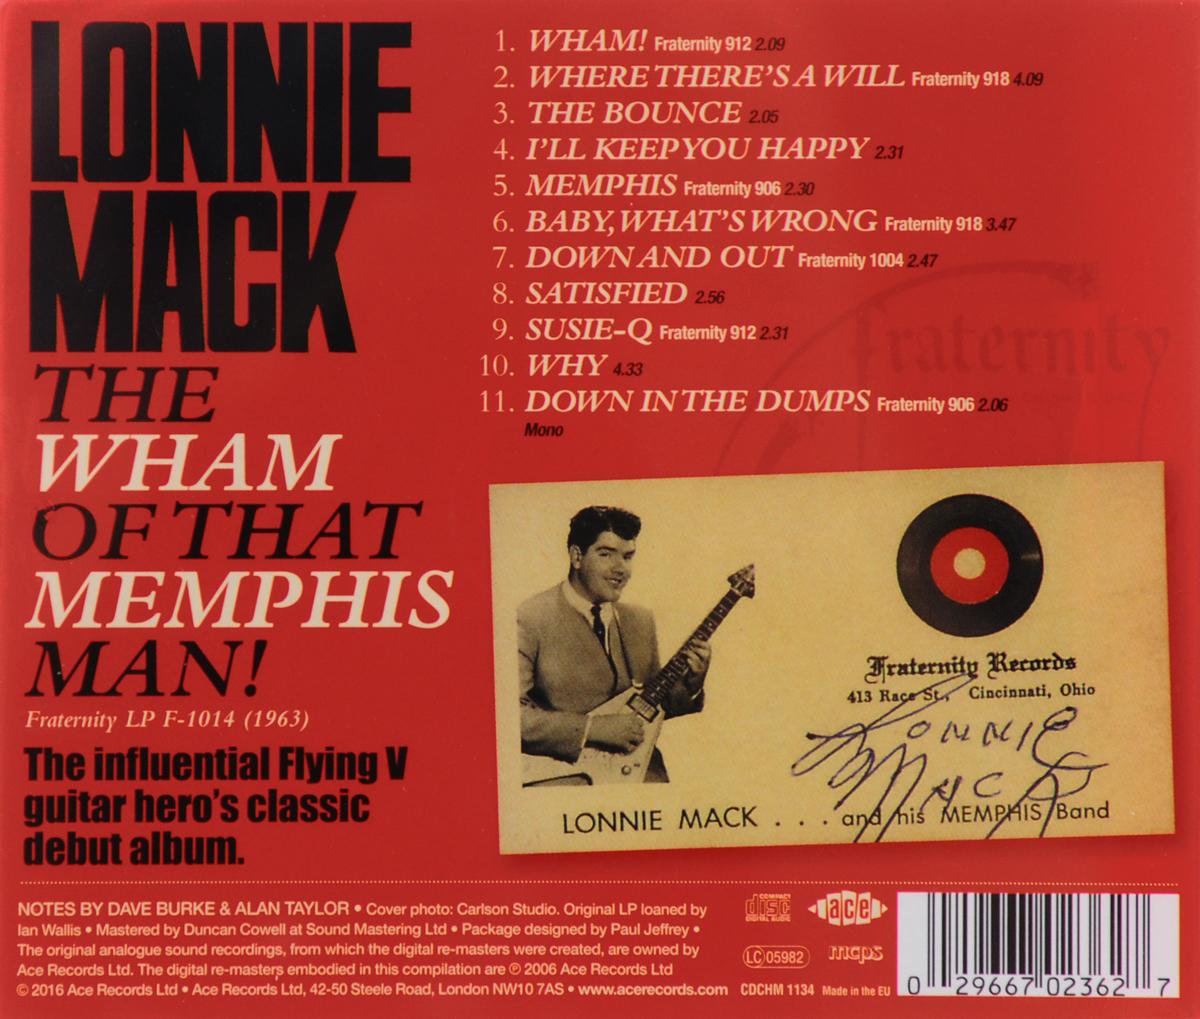 Lonnie Mack.  The Wham Of That Memphis Man! Волтэкс-инвест,Ace Records